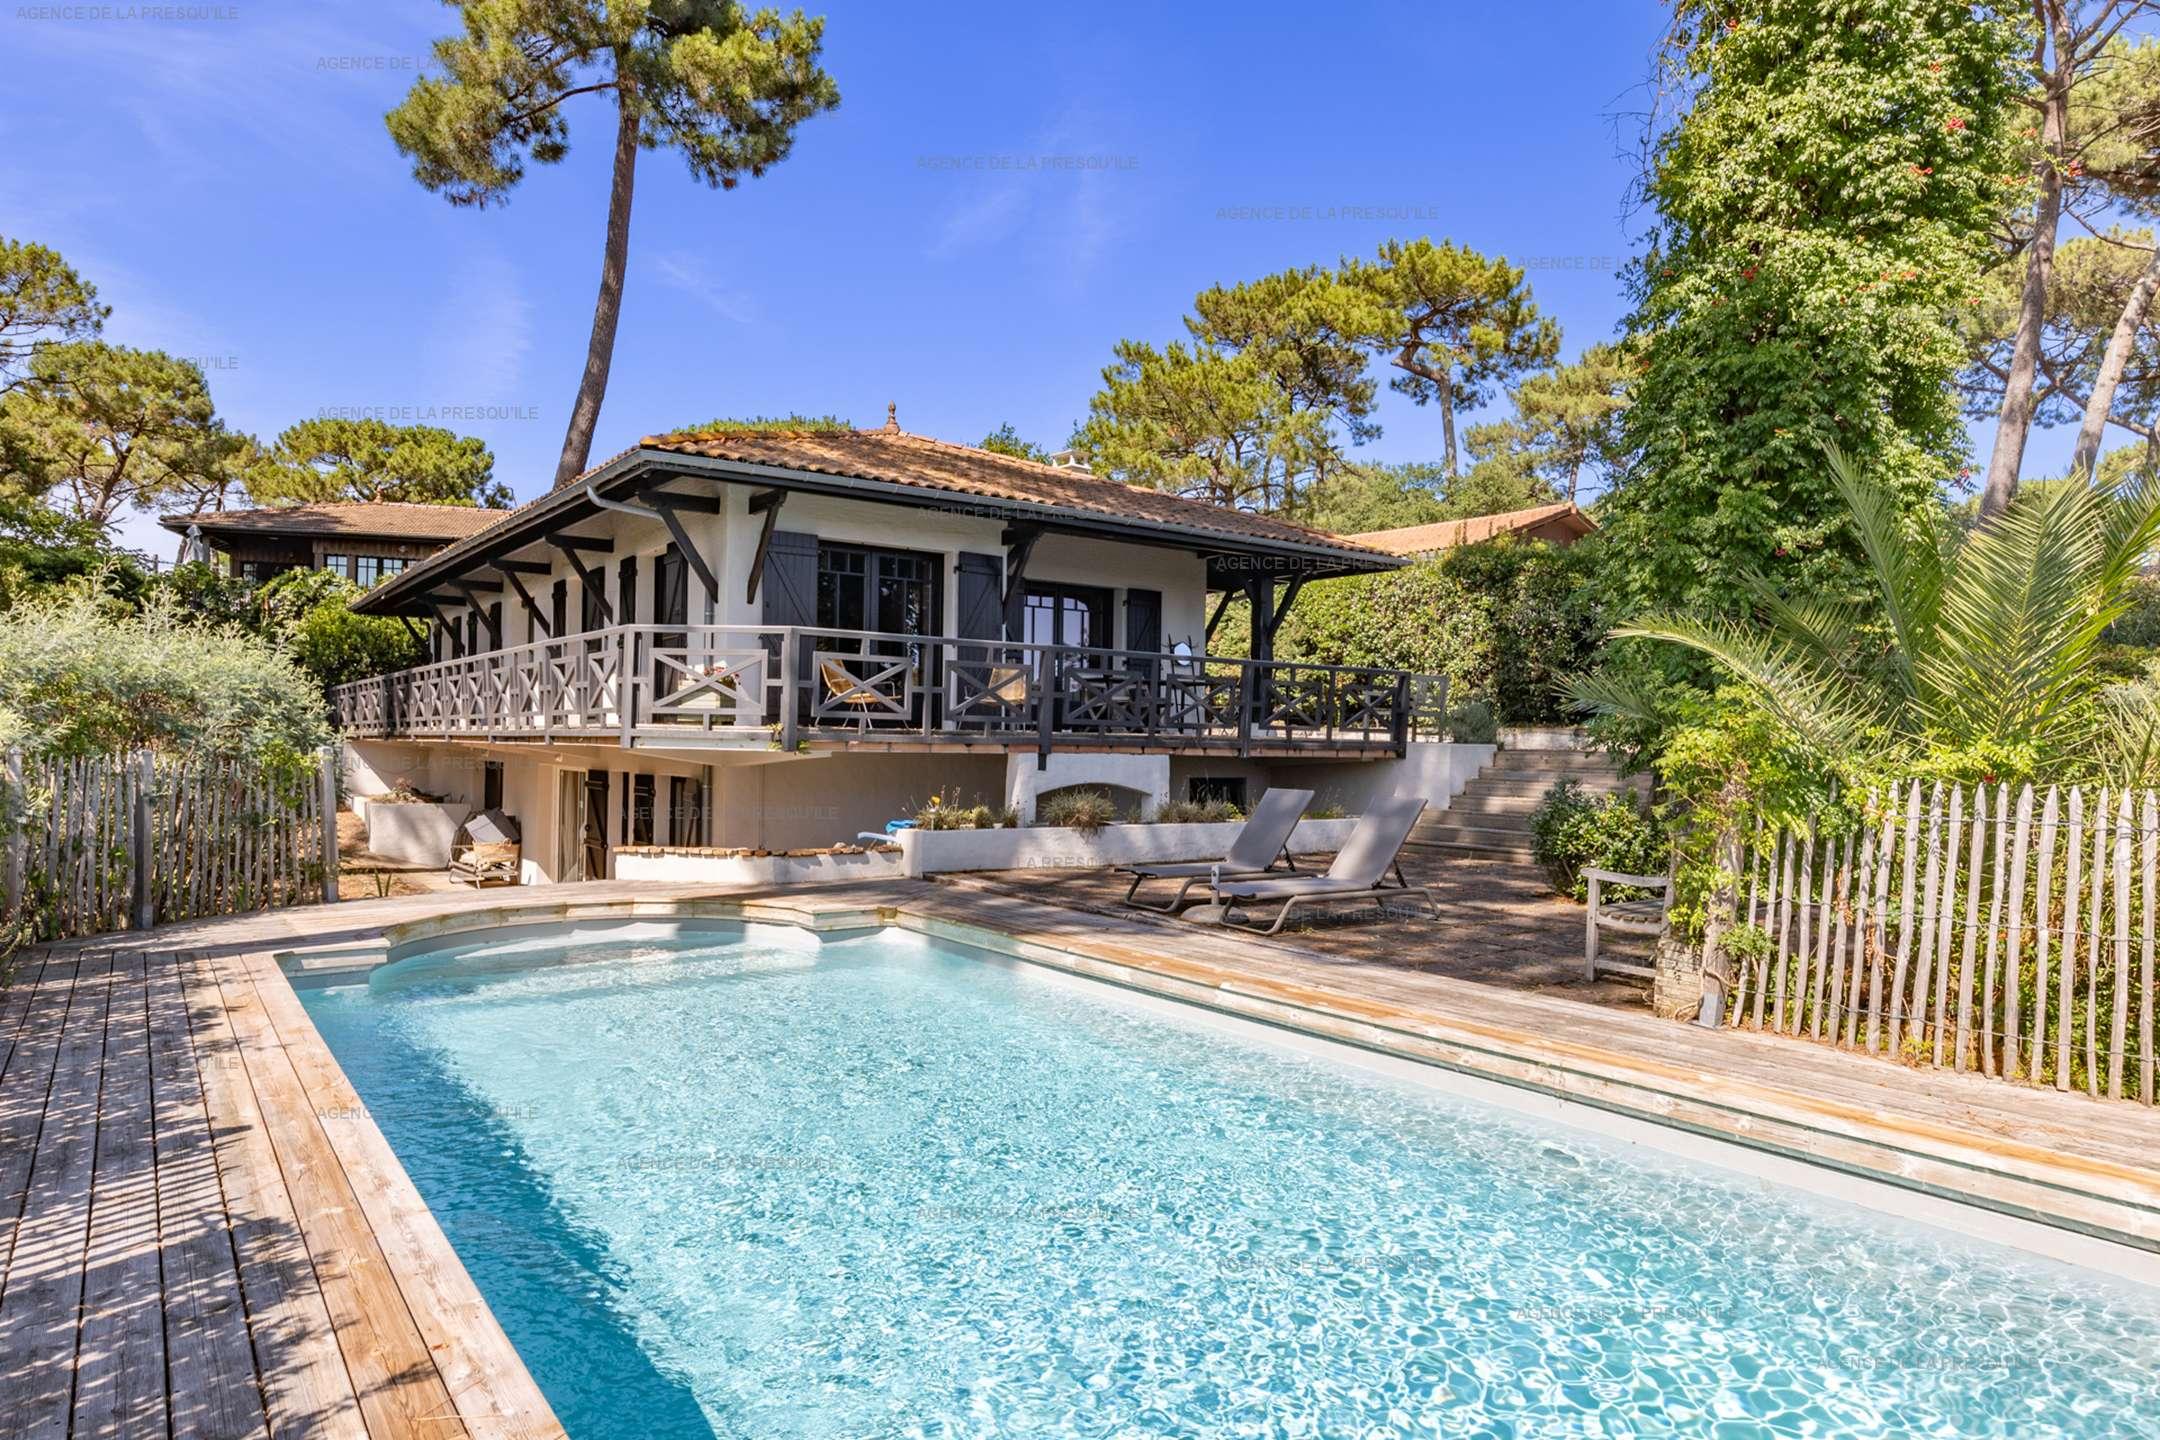 Location: Charmante villa avec piscine, vue bassin, à deux pas des plages 2